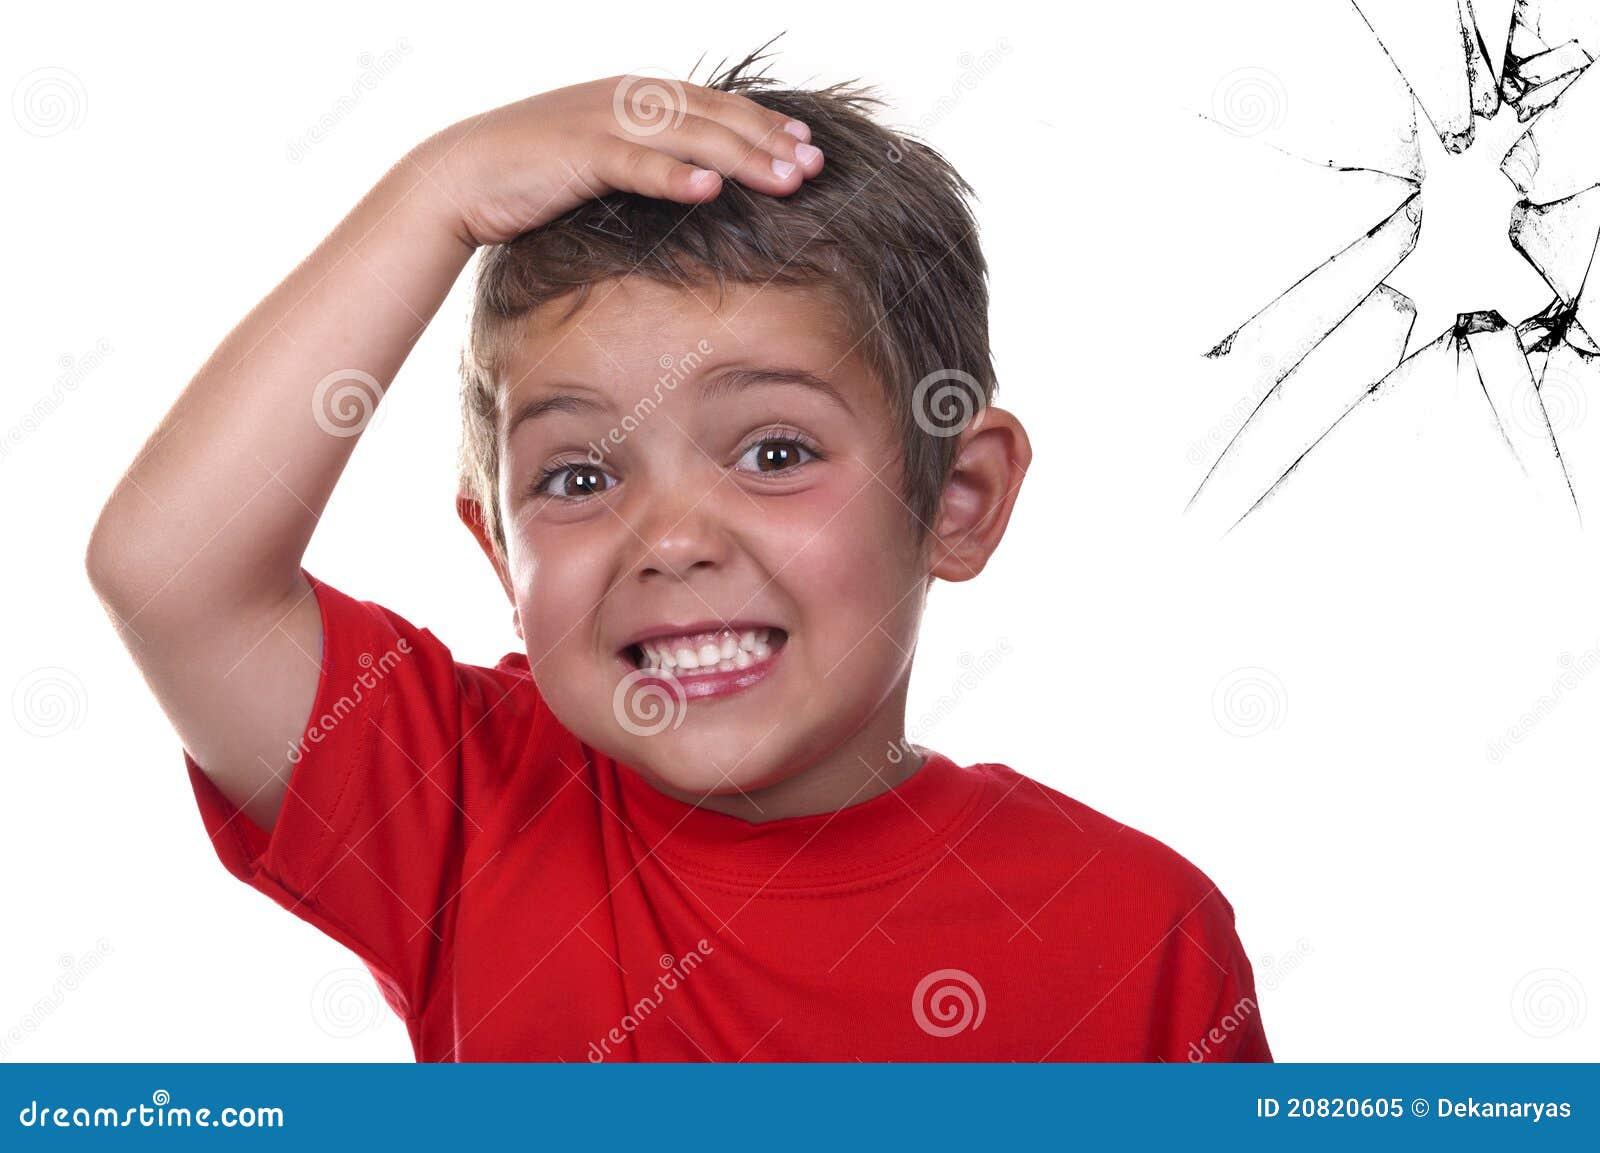 Frightened Child Royalty Free Stock Photo - Image: 20820605